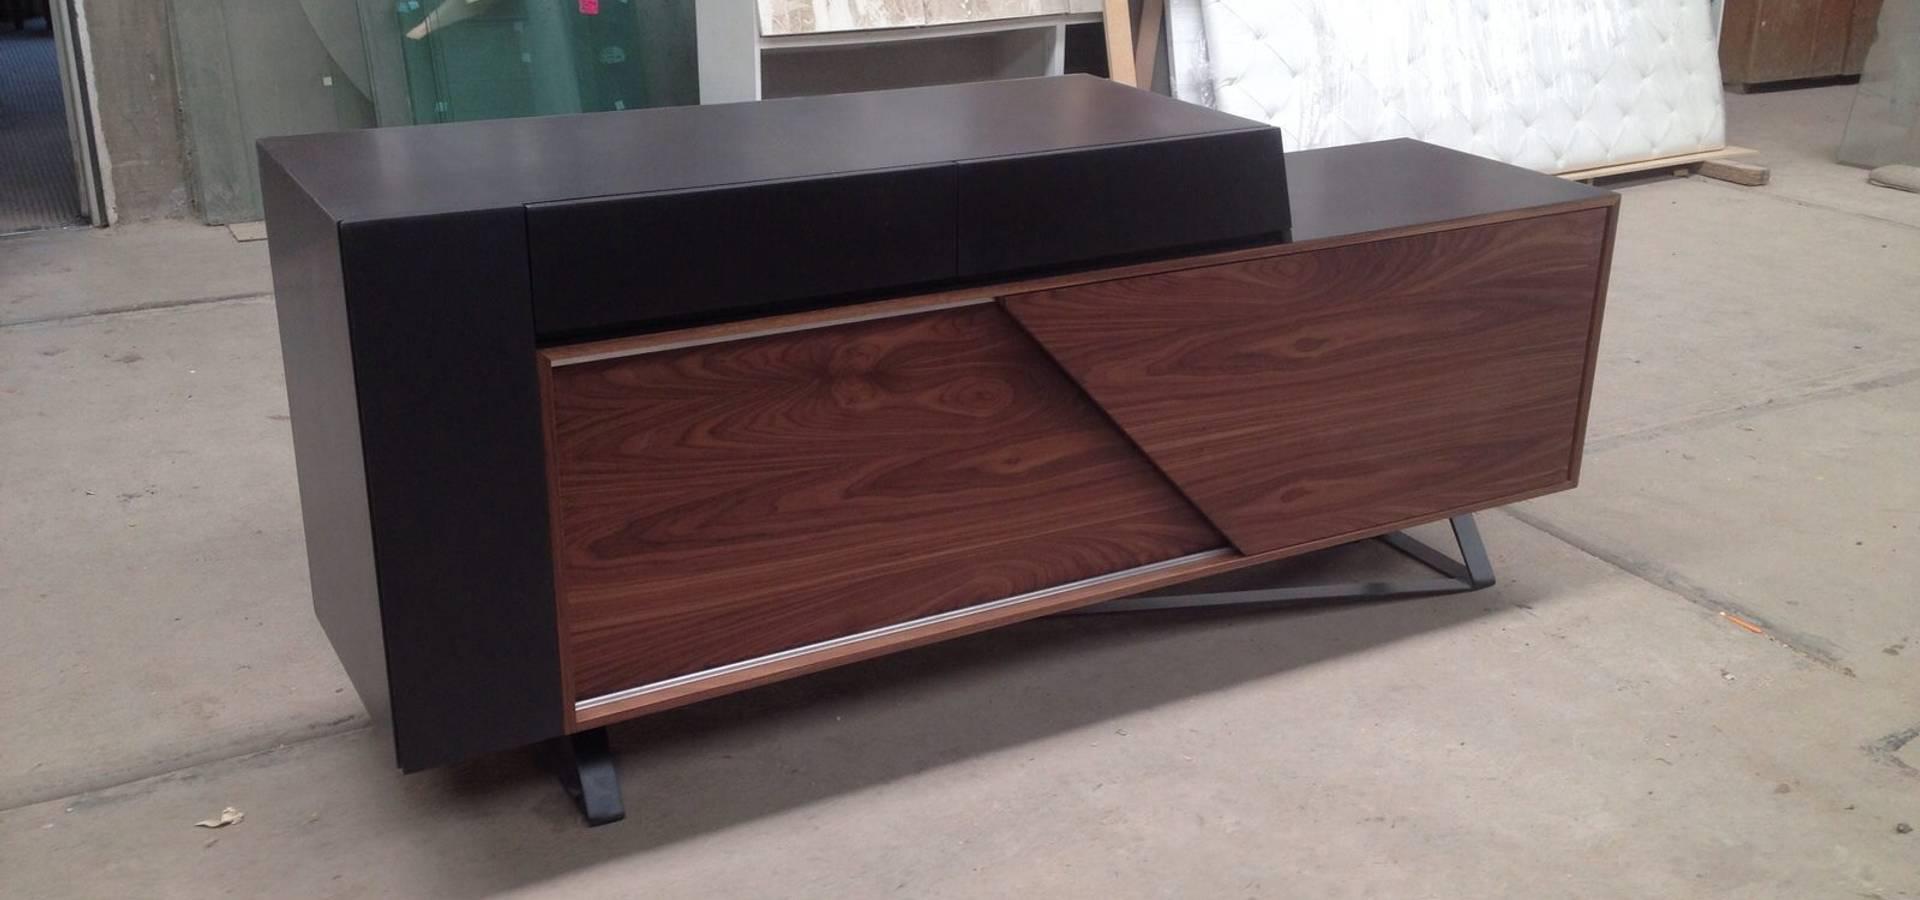 Interia muebles muebles y accesorios en estado de mexico for Muebles y muebles